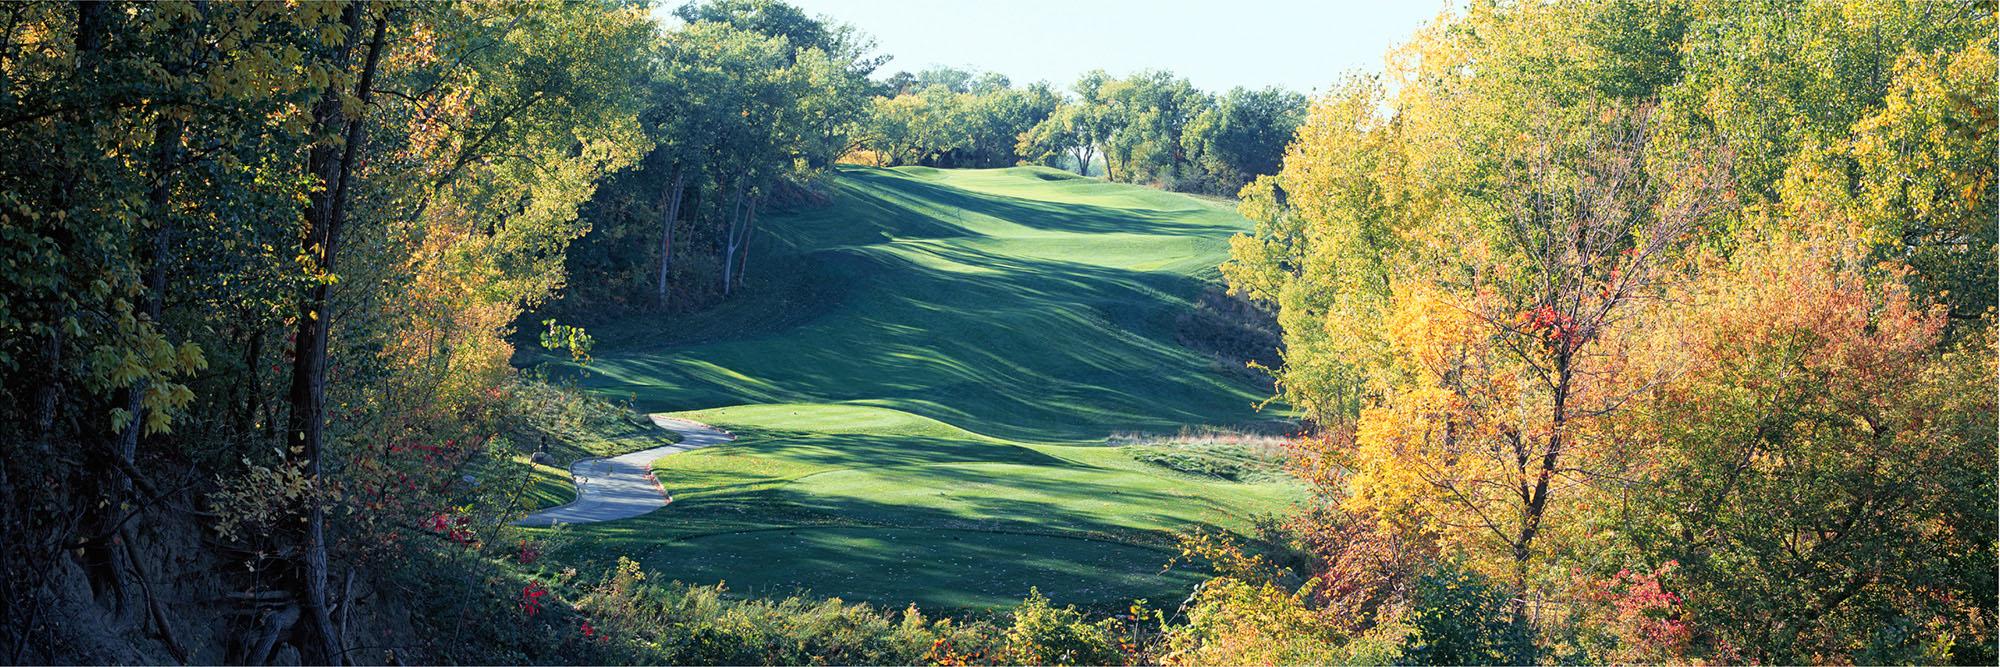 Golf Course Image - Quarry Oaks No. 13